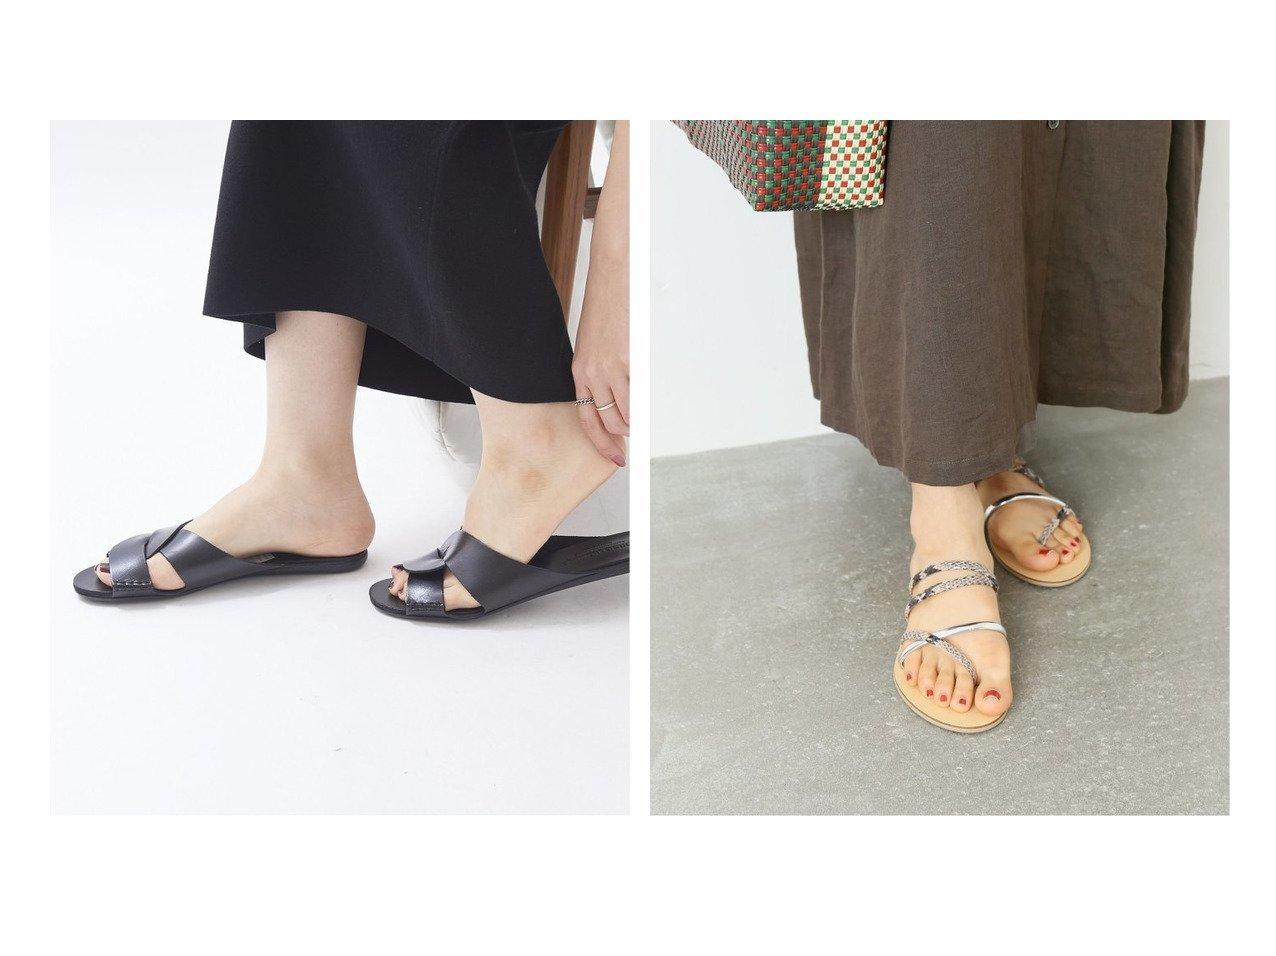 【journal standard L'essage/ジャーナルスタンダード レサージュ】の【NICOLAS LAINAS】SILVER NATURA スネークサンダル&【Plage/プラージュ】の【コルソローマ】CIABATTA サンダル 【シューズ・靴】おすすめ!人気、トレンド・レディースファッションの通販  おすすめで人気の流行・トレンド、ファッションの通販商品 インテリア・家具・メンズファッション・キッズファッション・レディースファッション・服の通販 founy(ファニー) https://founy.com/ ファッション Fashion レディースファッション WOMEN 2021年 2021 2021春夏・S/S SS/Spring/Summer/2021 S/S・春夏 SS・Spring/Summer おすすめ Recommend サンダル シューズ イタリア コレクション ラバー |ID:crp329100000053898